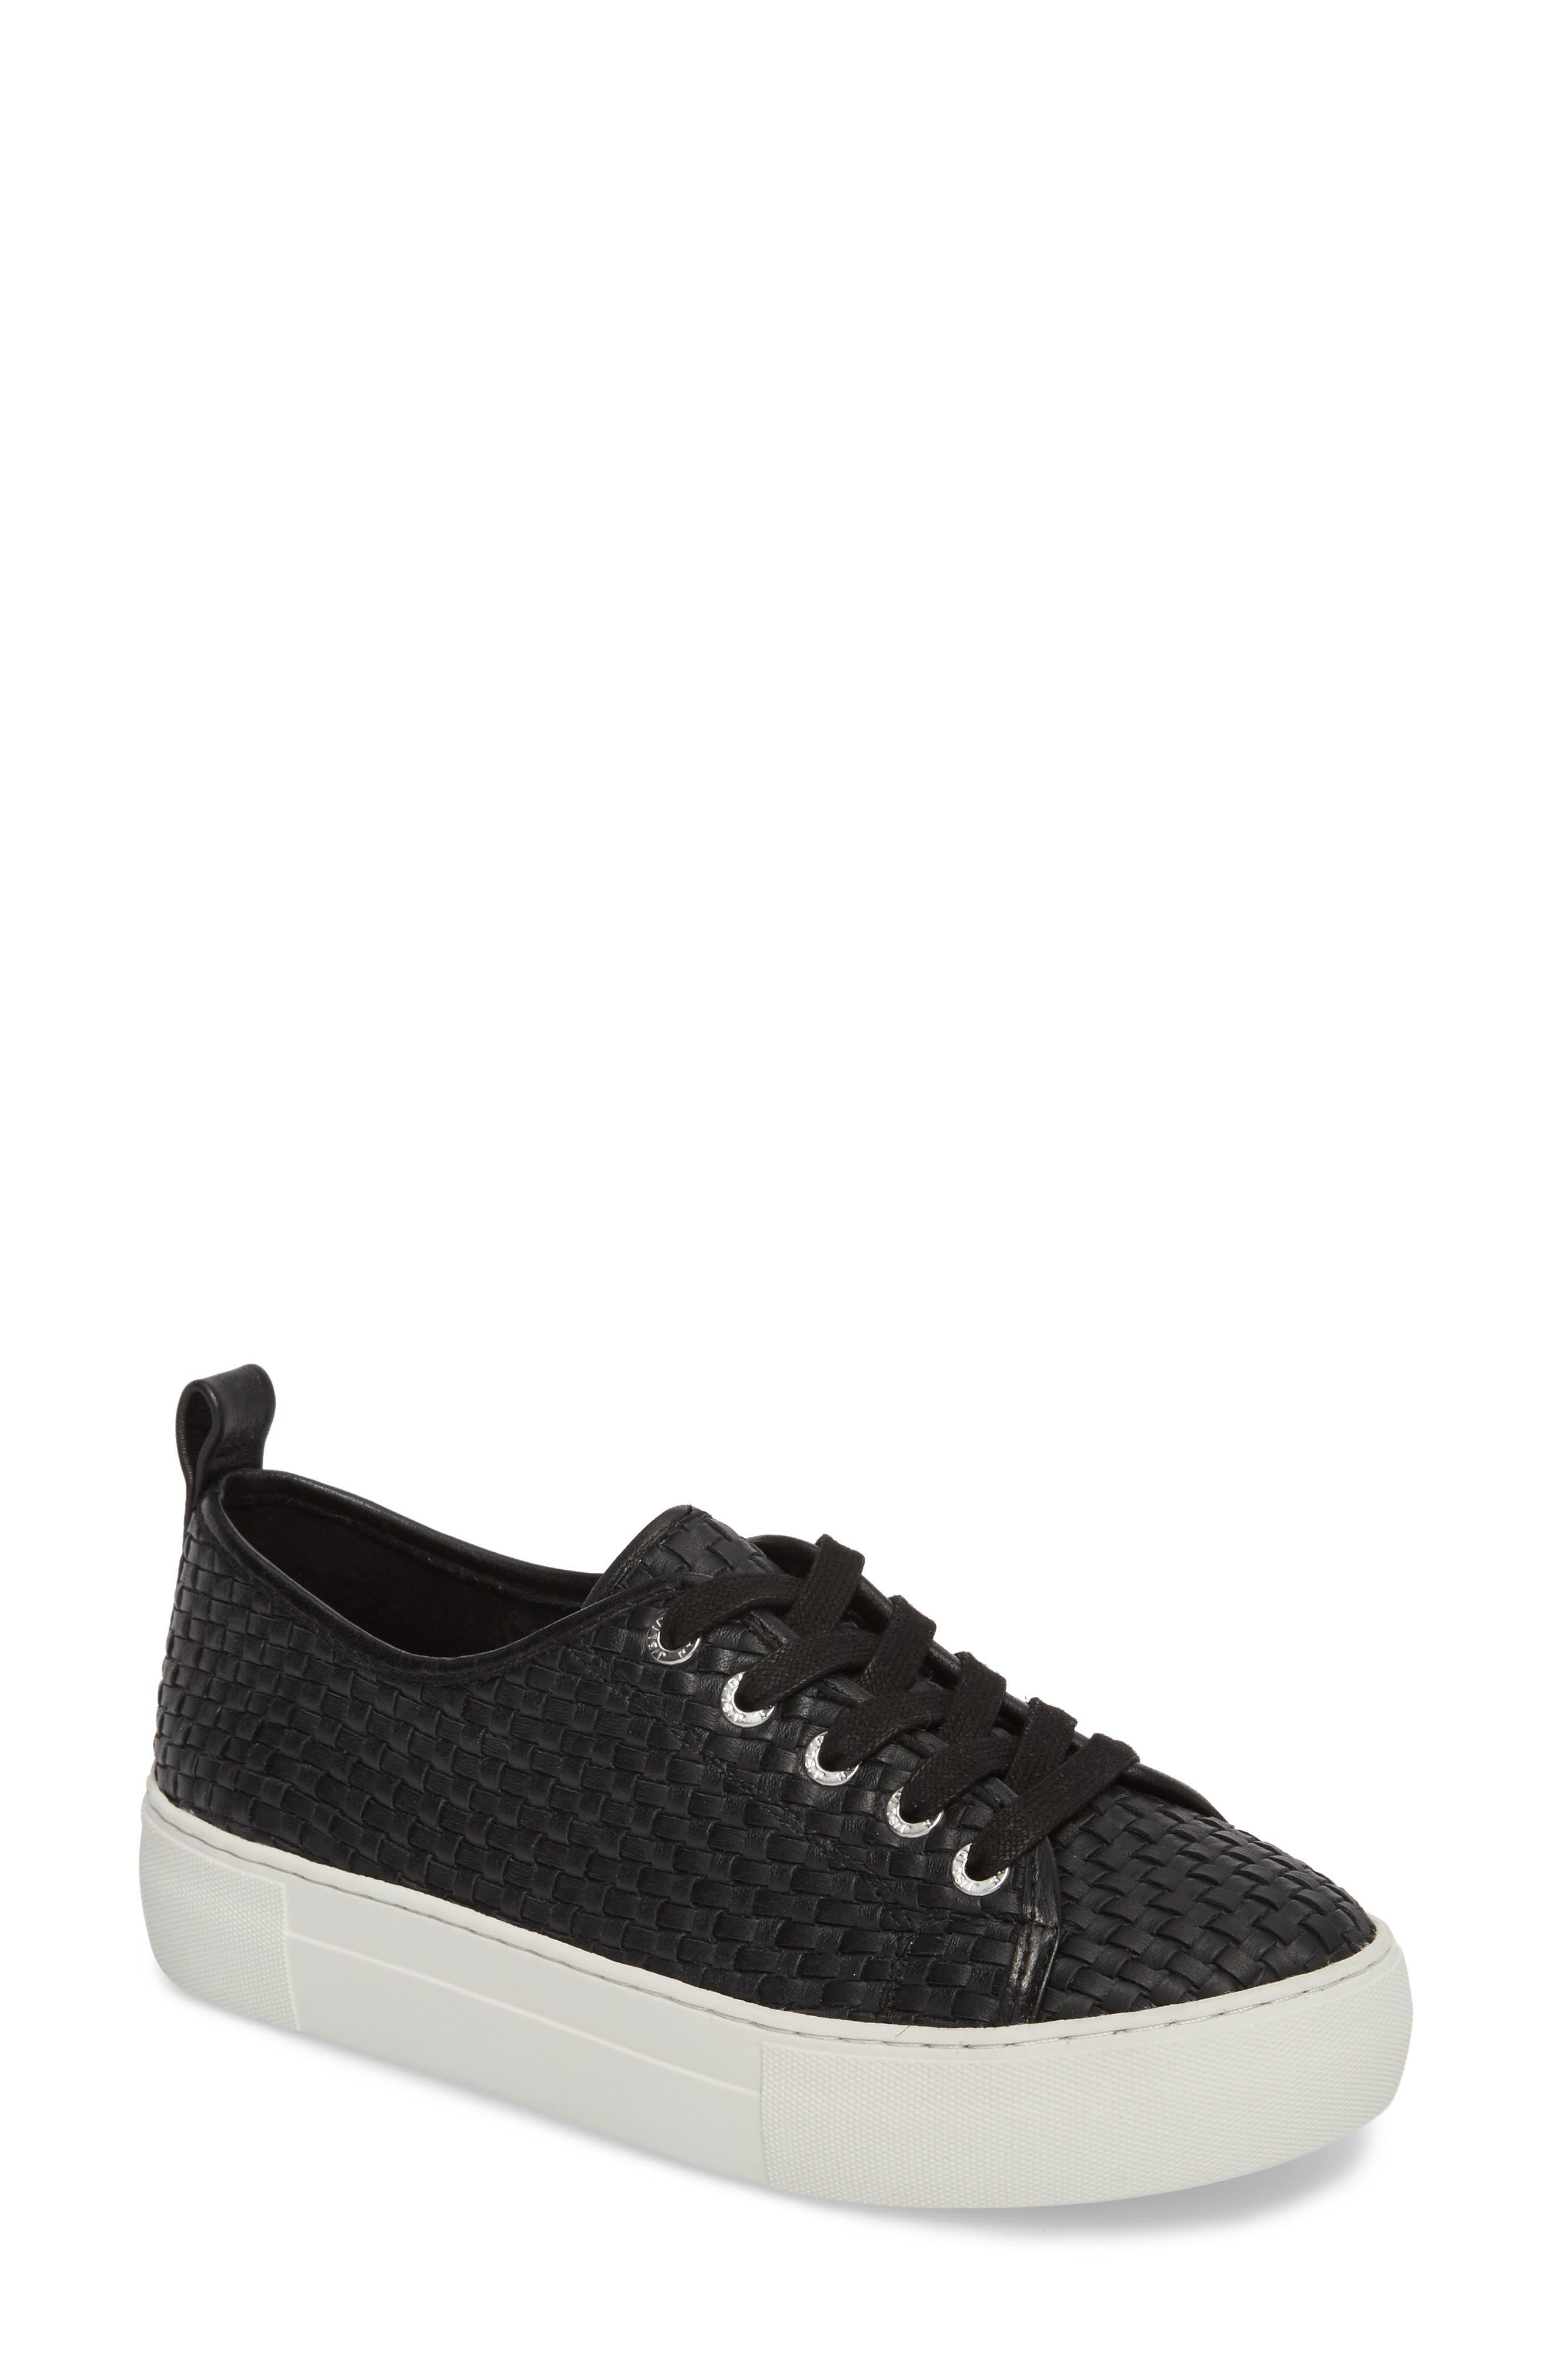 Jslides Artsy Woven Platform Sneaker- Black